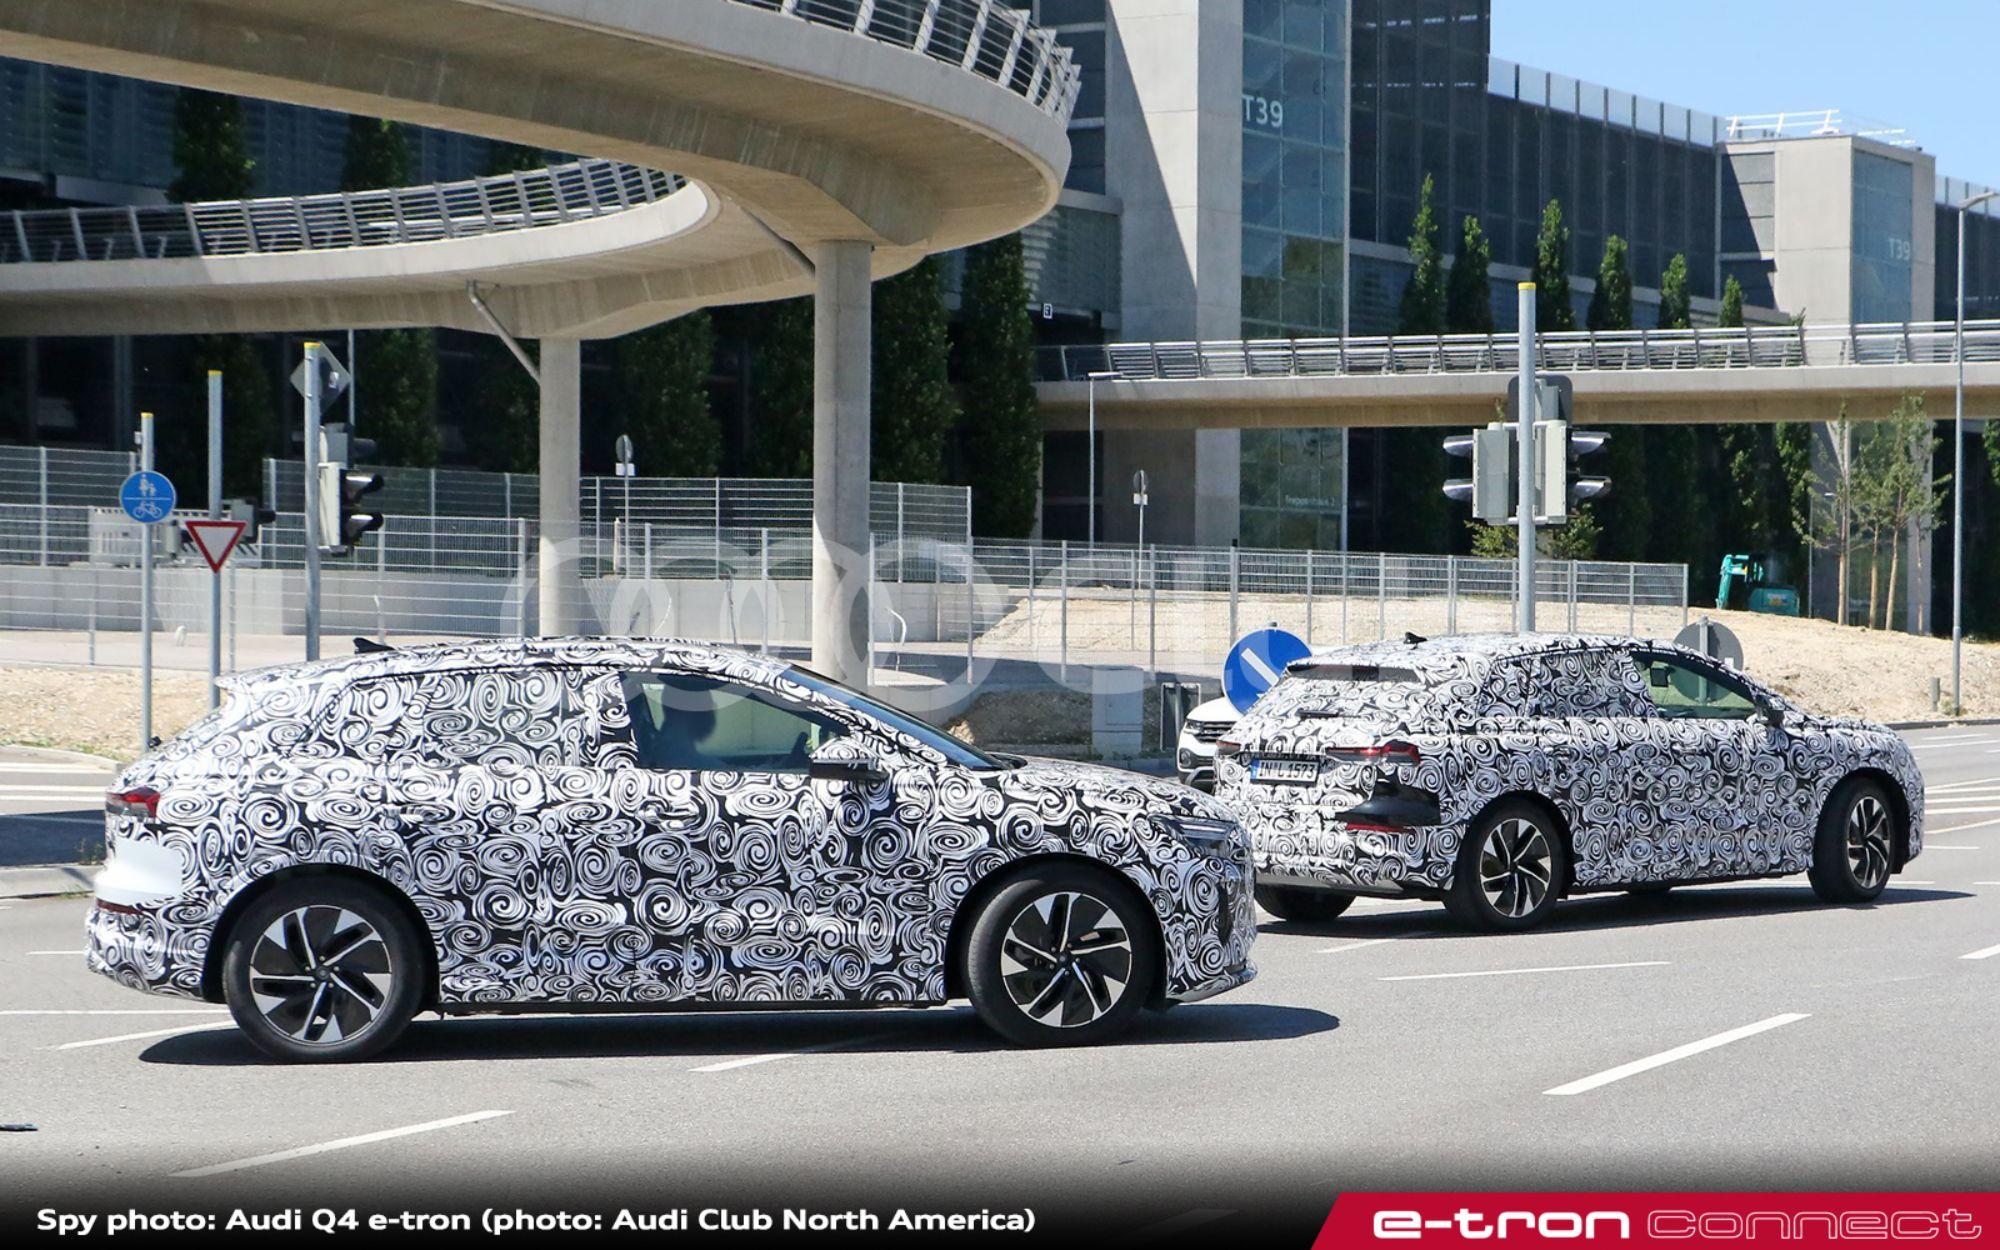 Audi Q4 e-tron Spied Again